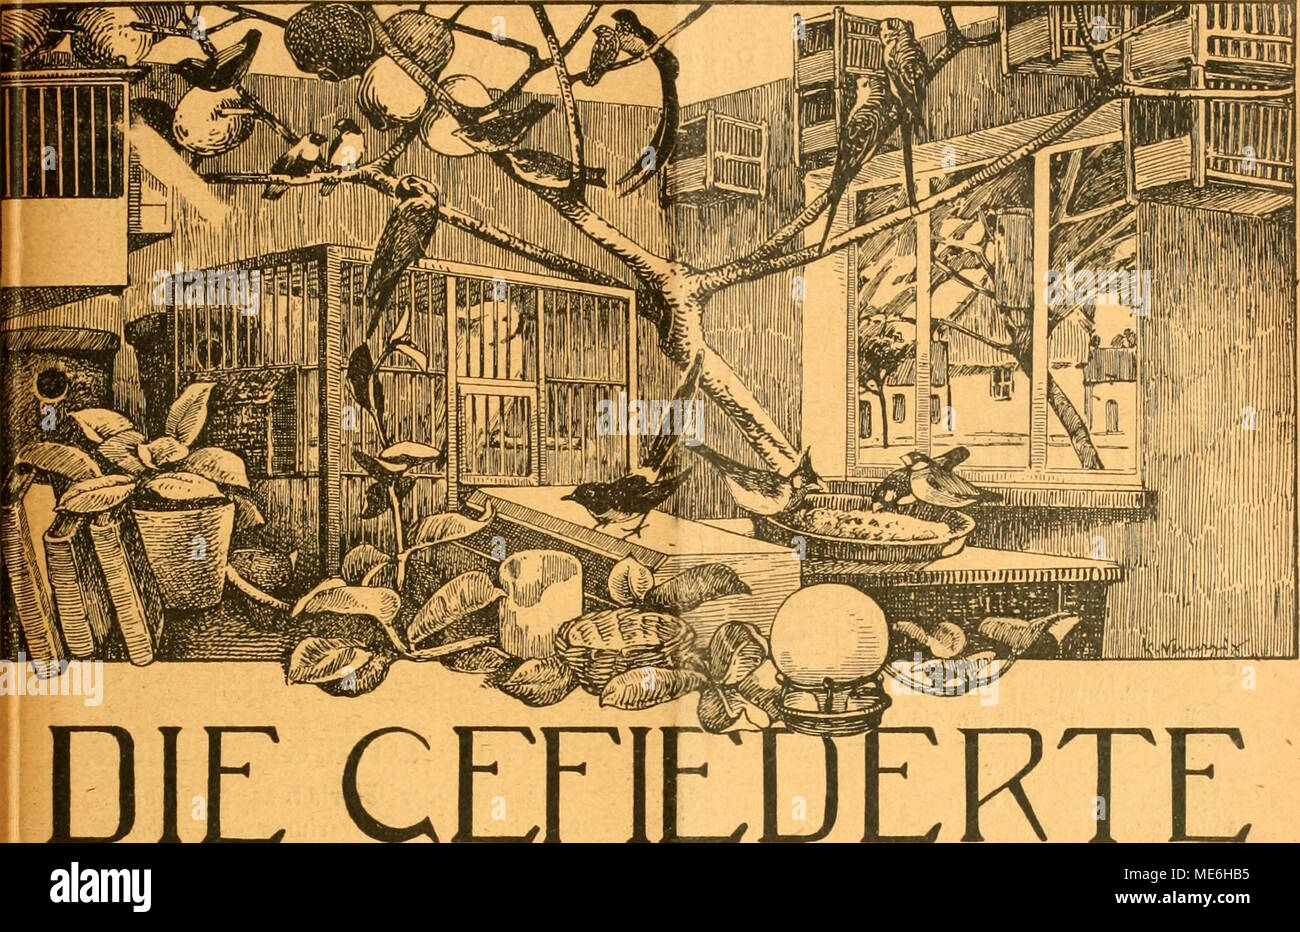 """. Die Gefiederte welt . DIE WELT CEEIE WOCHENSCHRIFT FÜR -VOGELLIEBHABER.- Begründet von Dr. Karl Ruß. Herausgegeben von Karl Neunzig in Hermsdorf bei Berlin. INHALT: Katzensteuer. Von A. Klengel, Meißen. Aus meiner Vogelstube. Rudolf von Neunzig. Gefiederte Findlinge. Von prof. K. H. Diener. (Fortsetzung.) Das Rotkehlehen. Von Wilhelm Limberger, Kassel. Erinnerungen vergangener Zeiten! Planderei """"SU J. Birk, Lipsia. Kleine Mitteilungen. - Vogelschutz. - Sprechsaal. - Aus den Vereinen. Vom Vogelmarkt. - Redaktionsbriefkatten. Abonnementspreis vierteljährlich M. 1.50. (13 Nummern mit Abbildung Foto Stock"""